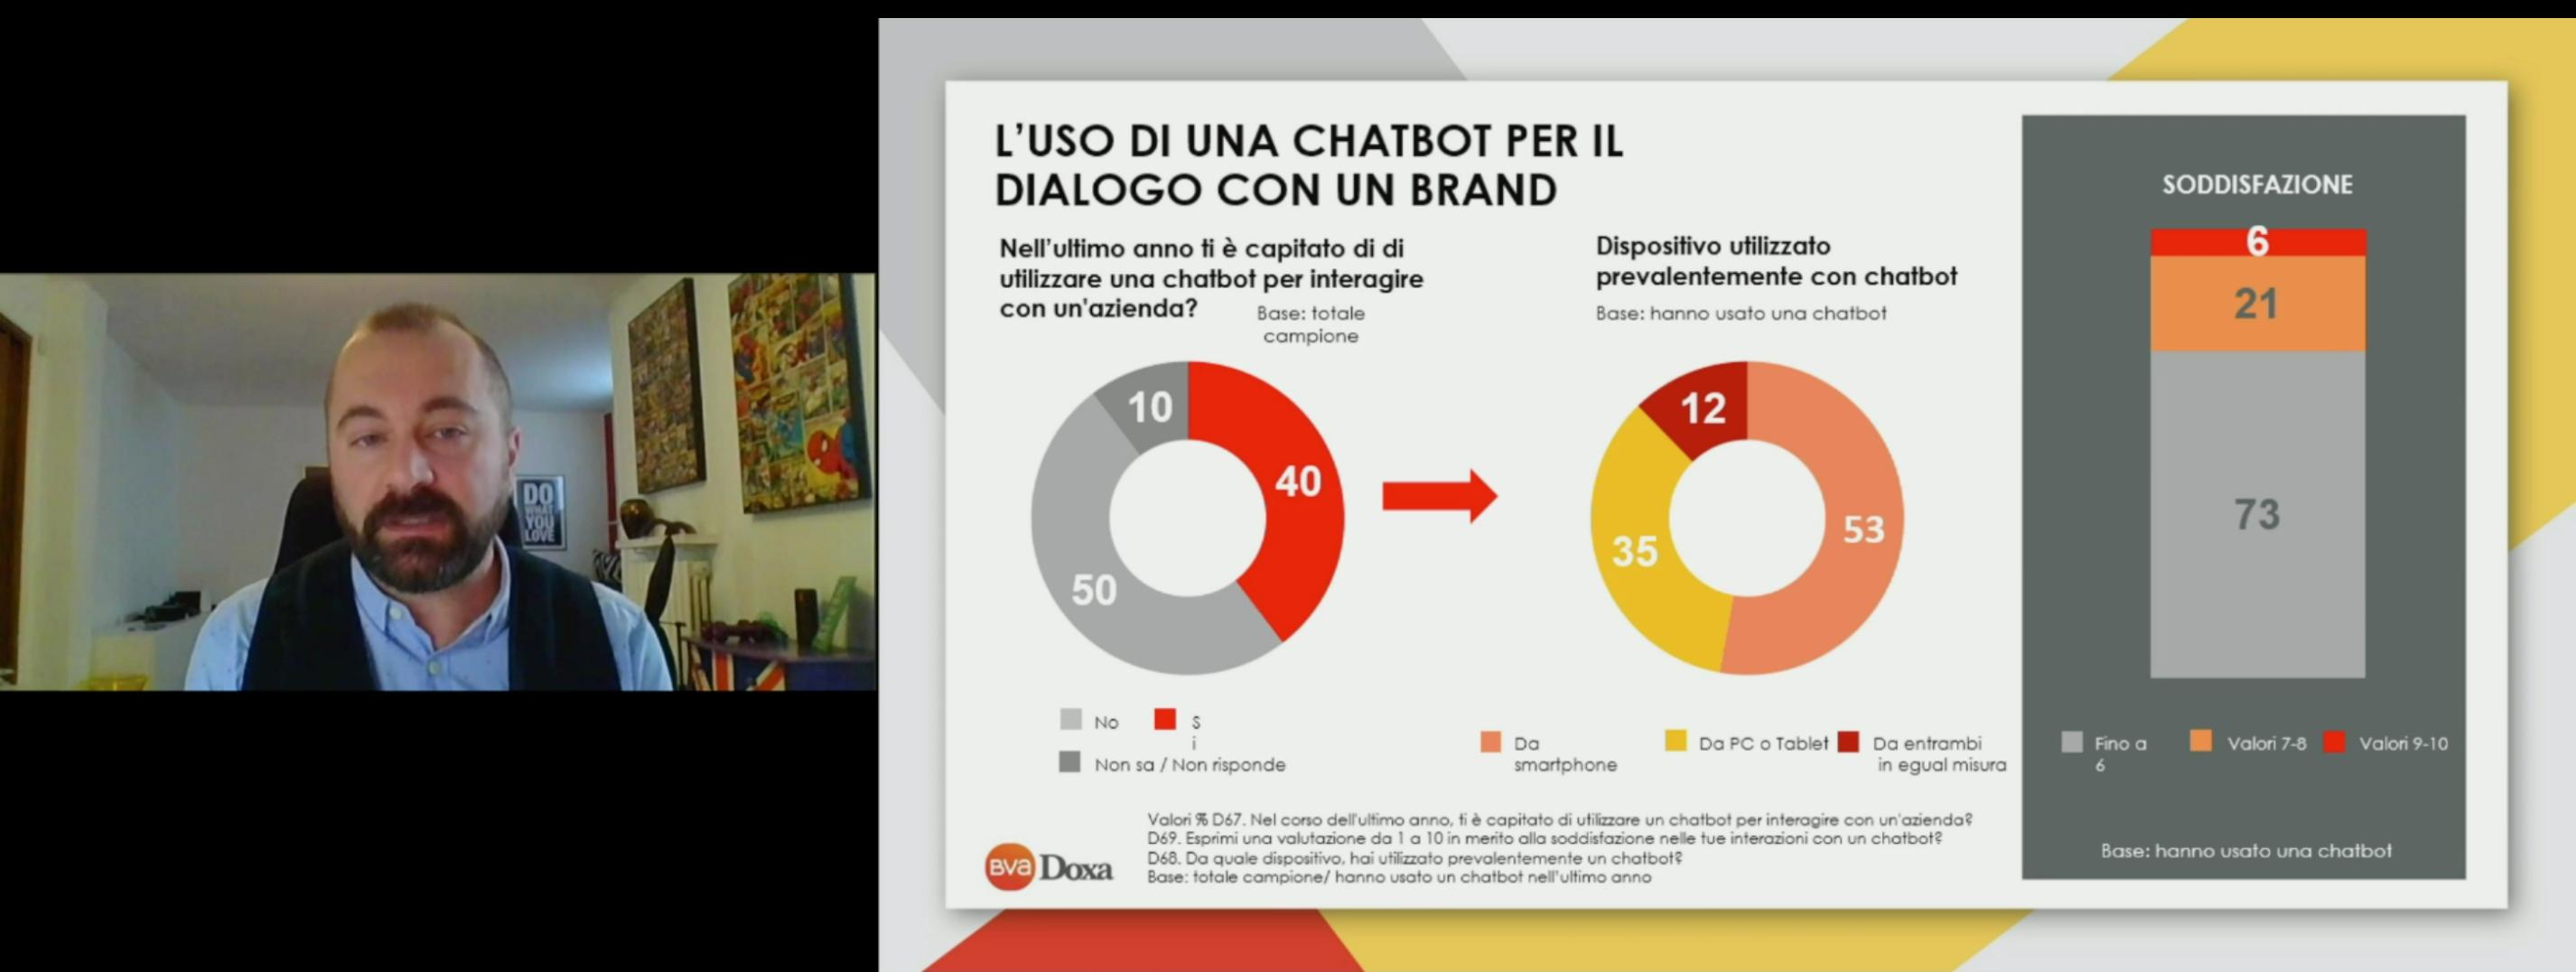 chatbot-rapporto-brand-clienti-2021